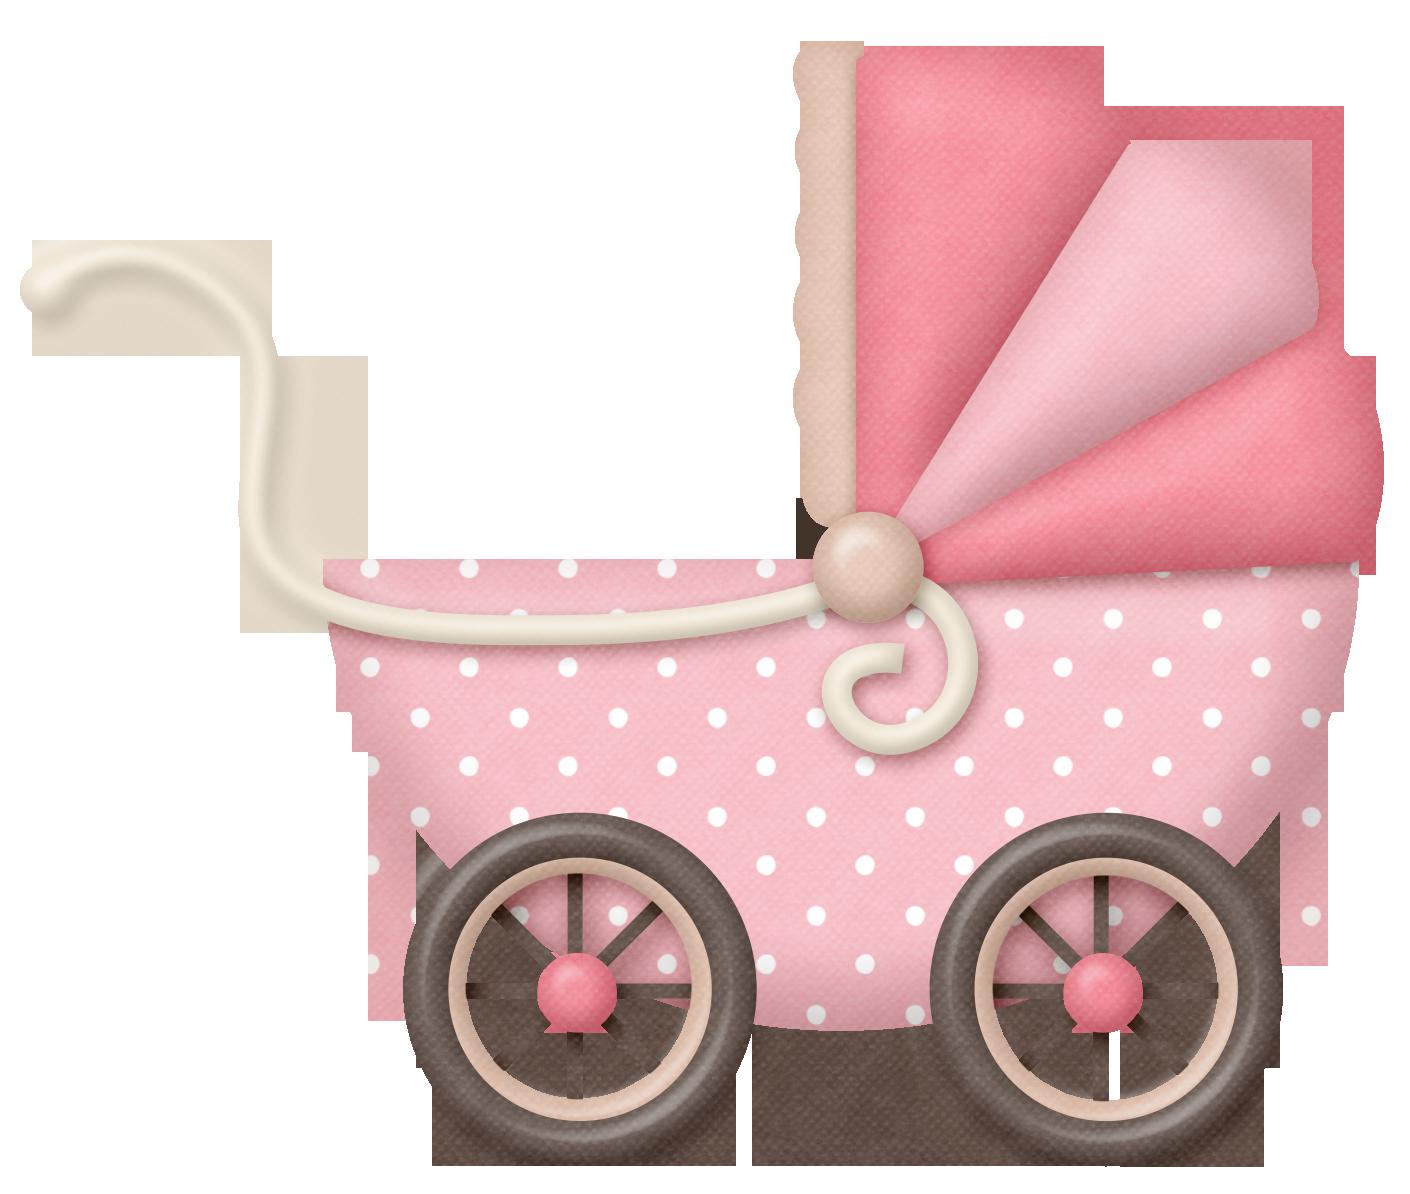 baby girl 4 bebekler i in dekupaj pinterest baby baby girl clipart e baby boy. Black Bedroom Furniture Sets. Home Design Ideas